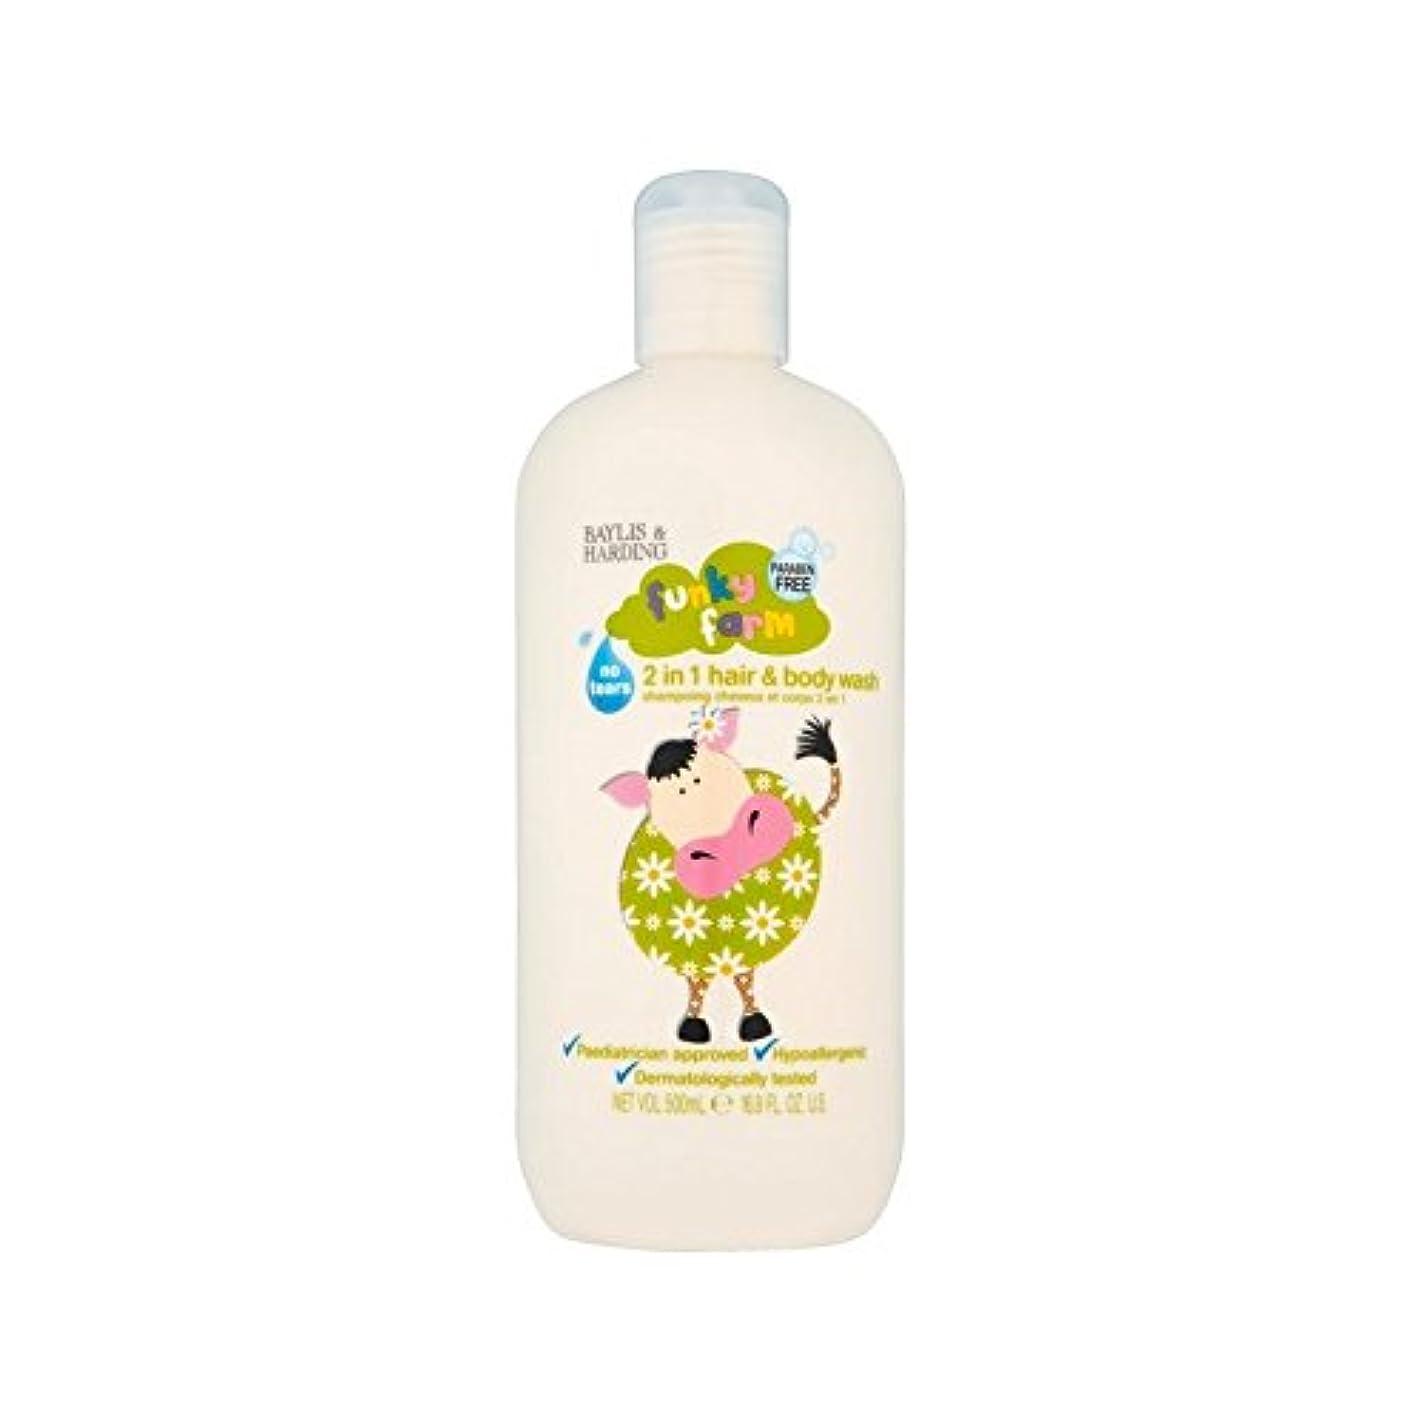 最大化するくしゃくしゃシャッターファンキーファームのヘア&ボディウォッシュ500ミリリットル (Baylis & Harding) (x 2) - Baylis & Harding Funky Farm Hair & Body Wash 500ml (Pack of 2) [並行輸入品]